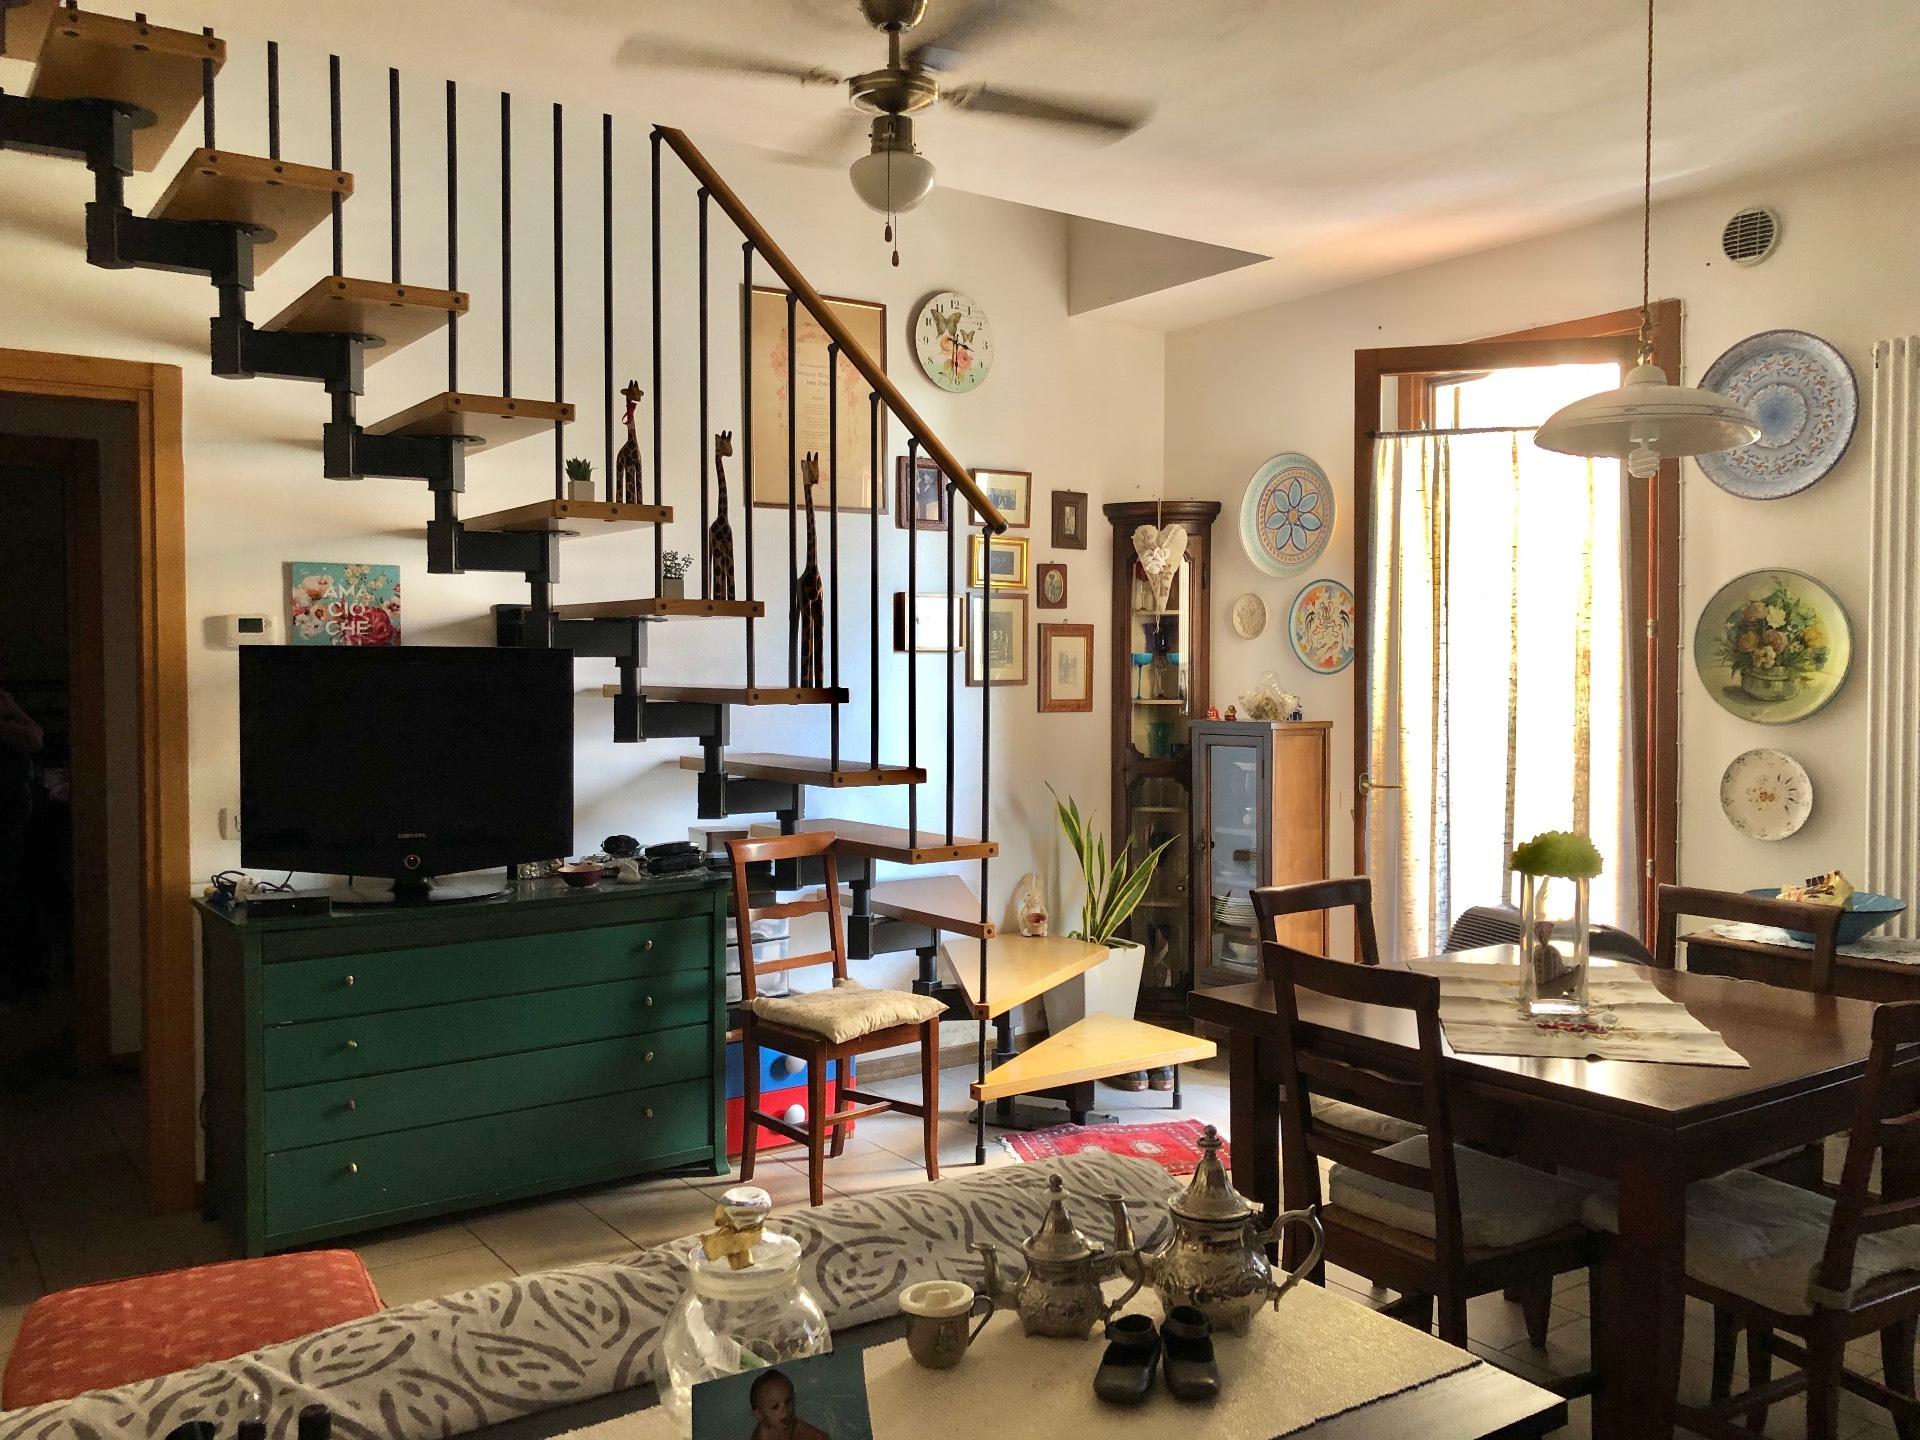 Appartamento in vendita a Trevignano, 6 locali, zona Zona: Signoressa, prezzo € 112.500 | CambioCasa.it